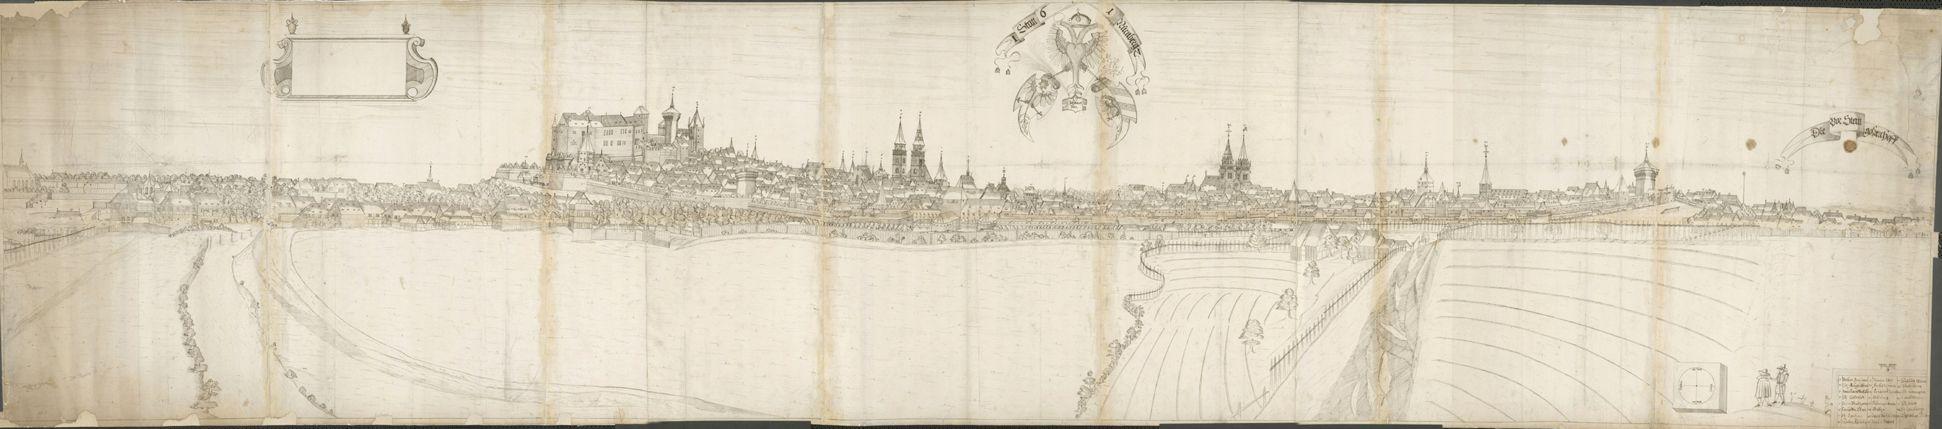 Panoramadarstellung der Stadt Nürnberg von Westen Gesamtzeichnung (aus mehreren Papierbögen bestehend)